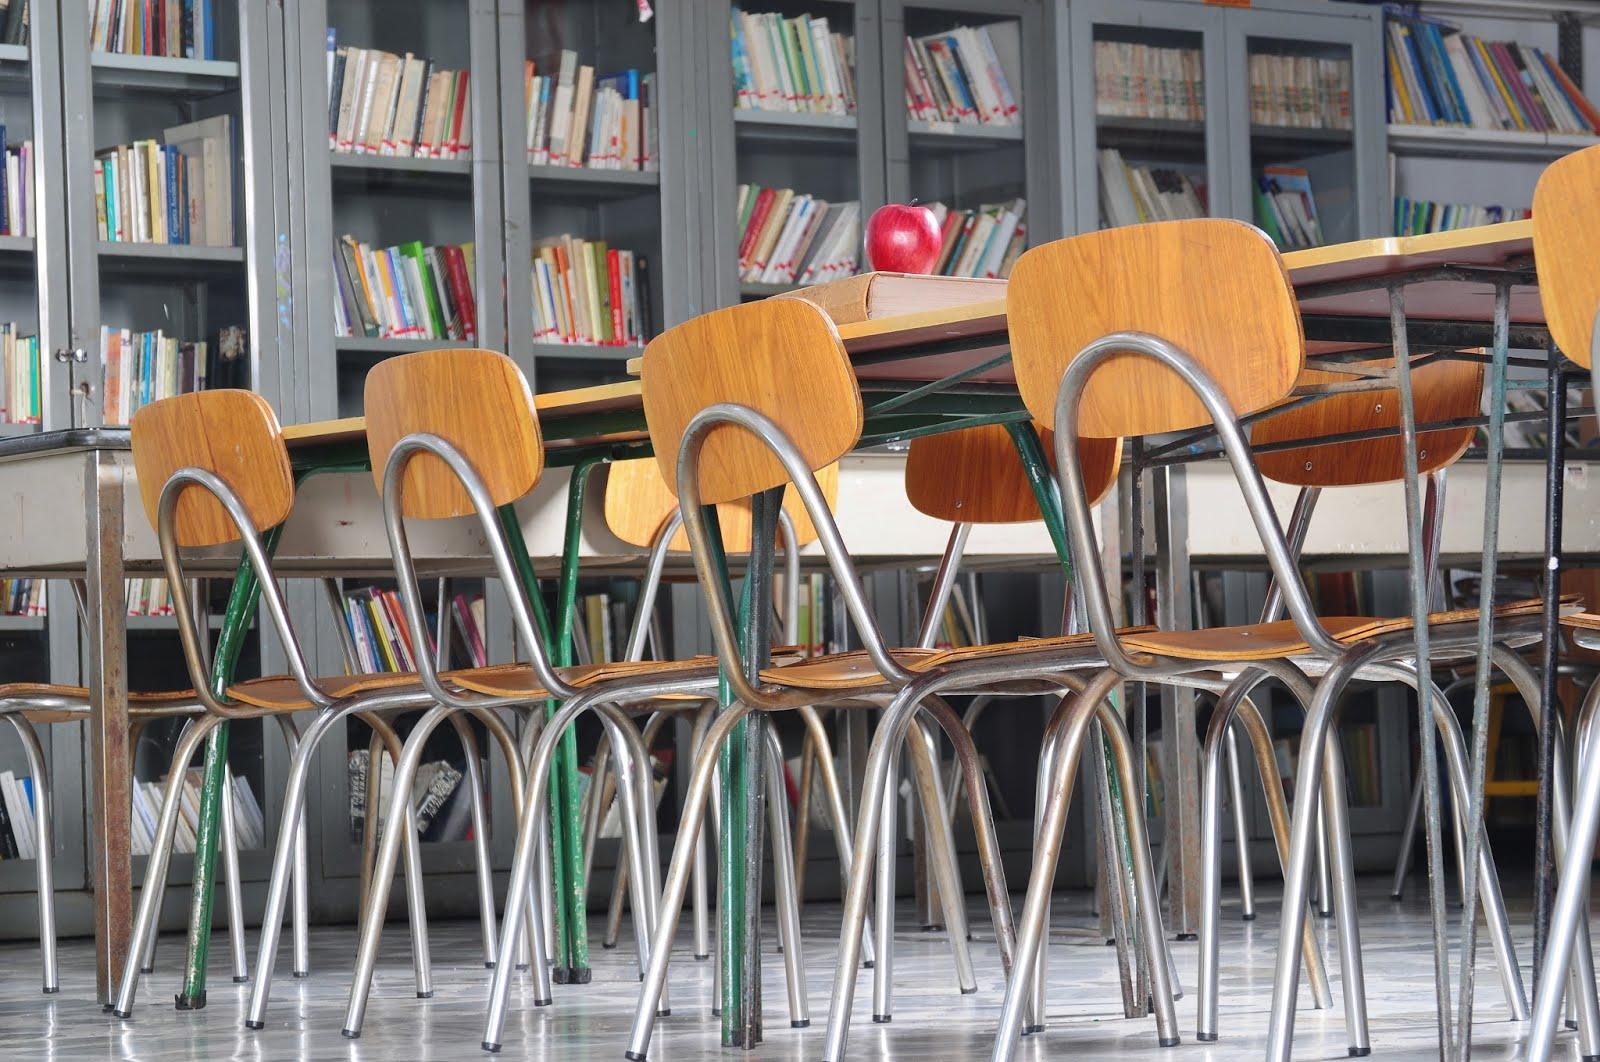 Ύλη, Οδηγίες και Νομοθεσία για τη διδασκαλία των Μαθηματικών